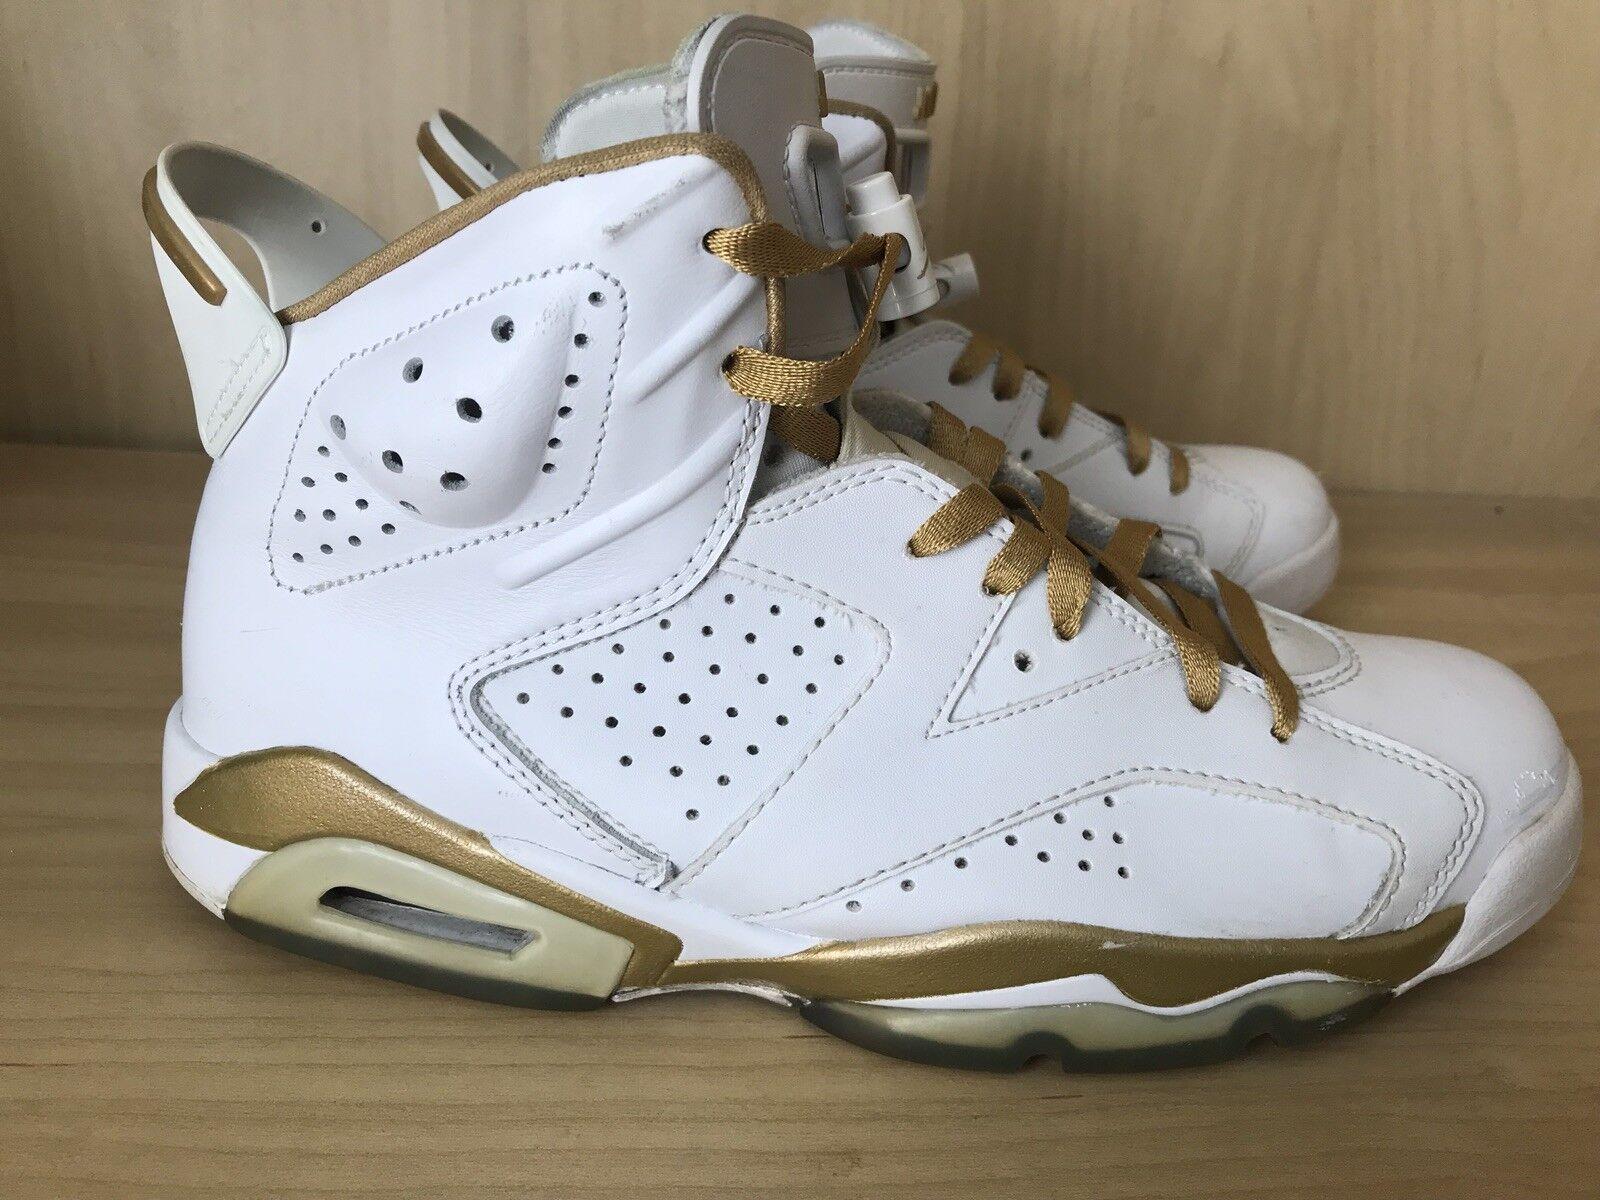 Nike Air Jordan 6 VI Golden Moment Pack Great discount